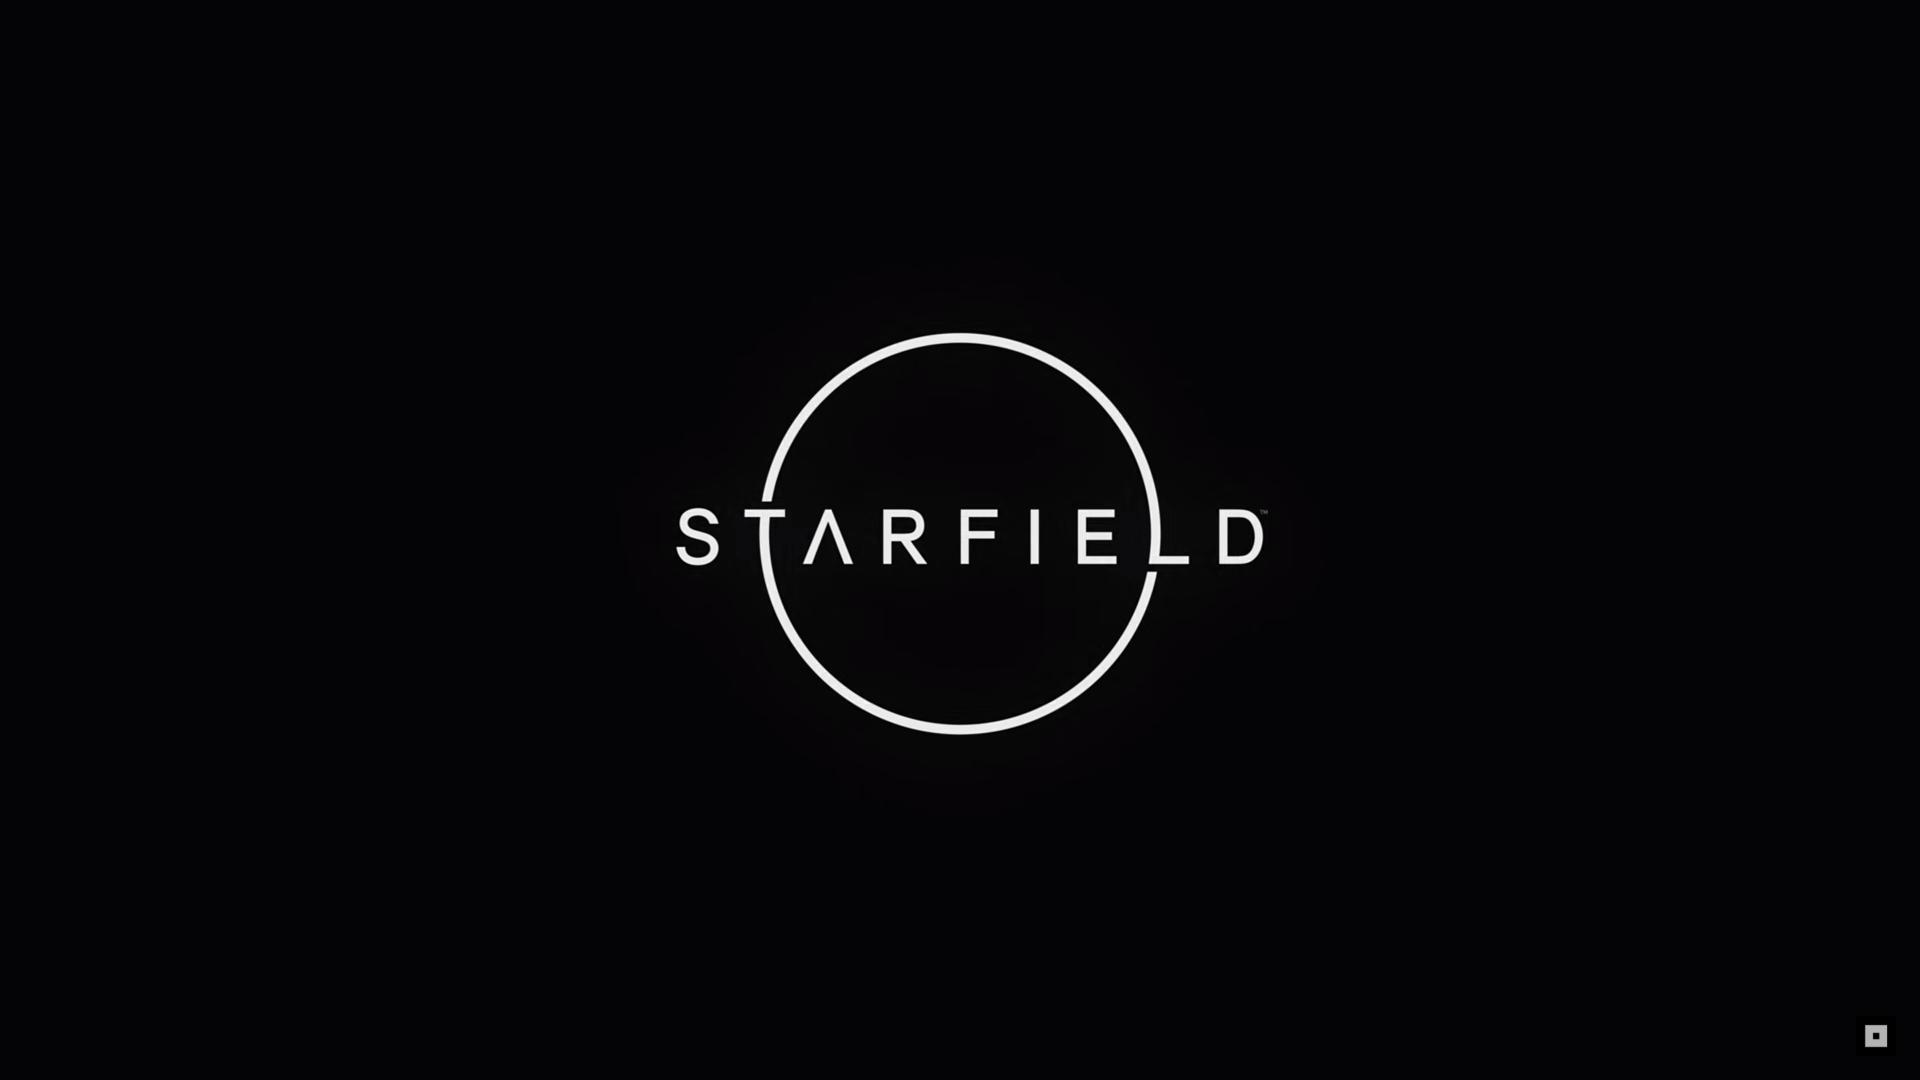 E3 2018 - Starfield E